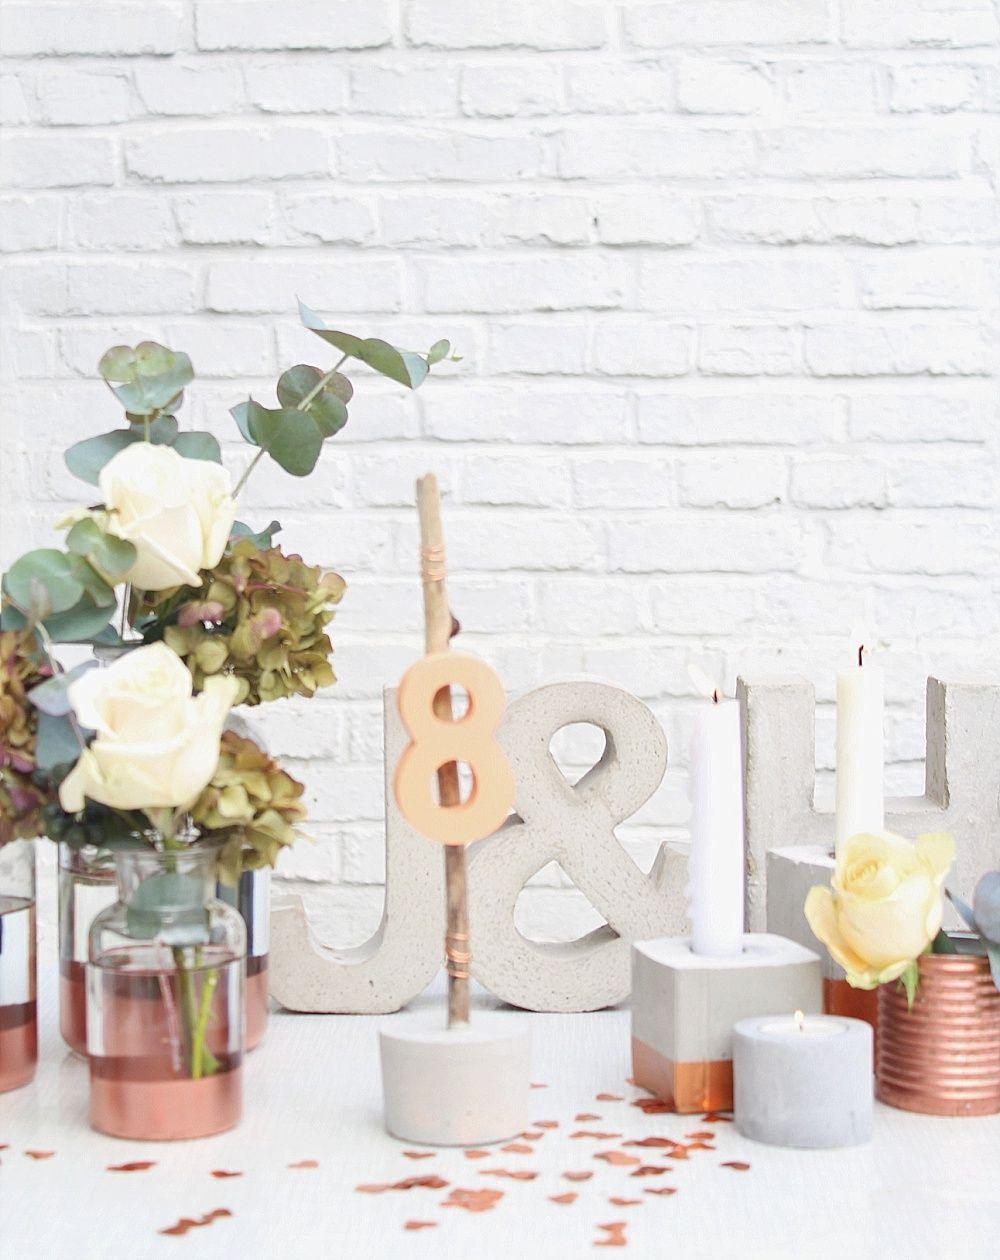 Hochzeitsdekoration leihen von vintage geschirr ber Hochzeitsdekoration